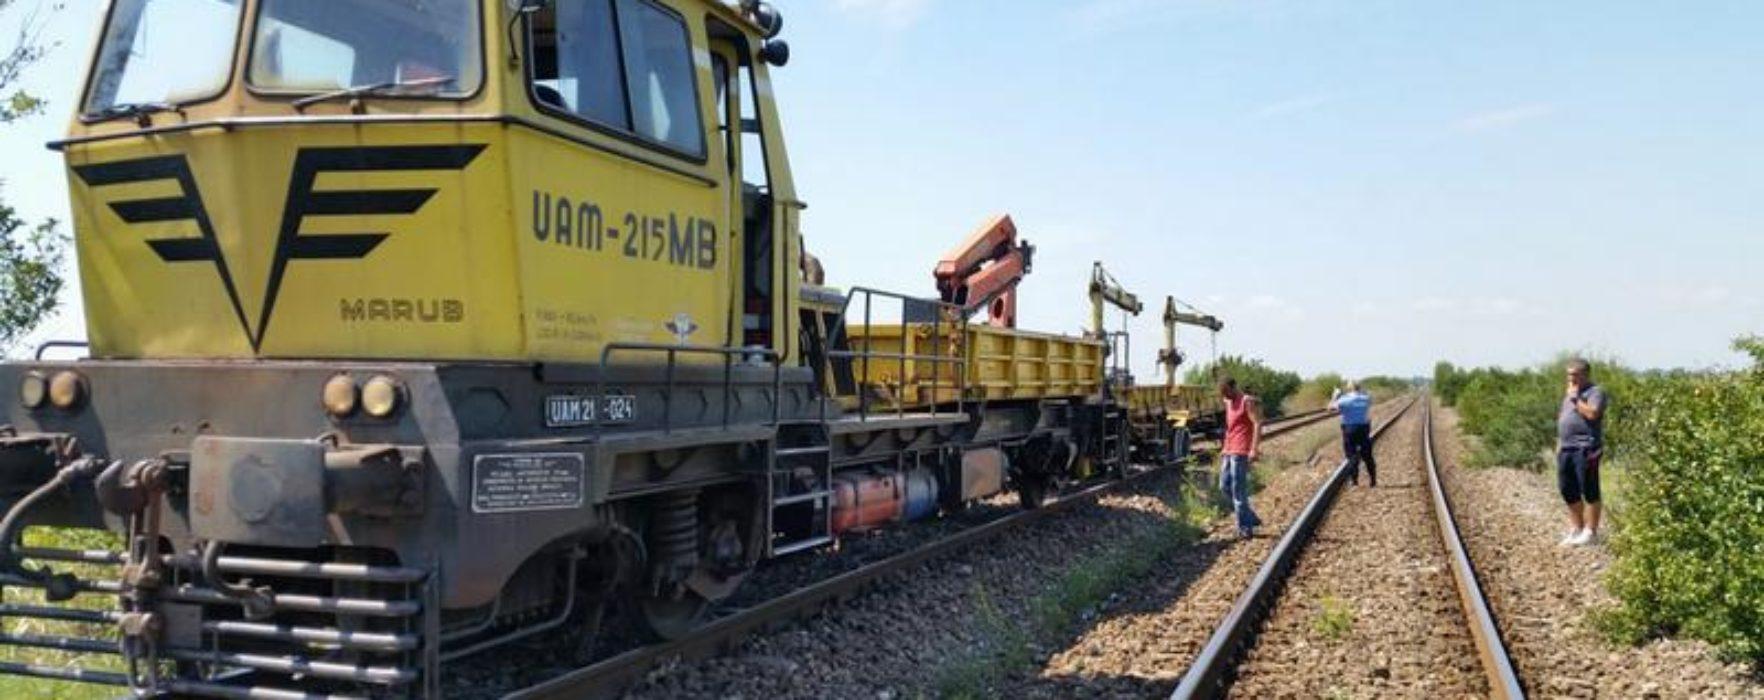 Dâmboviţa: Utilaj CFR deraiat în zona Titu, două persoane rănite